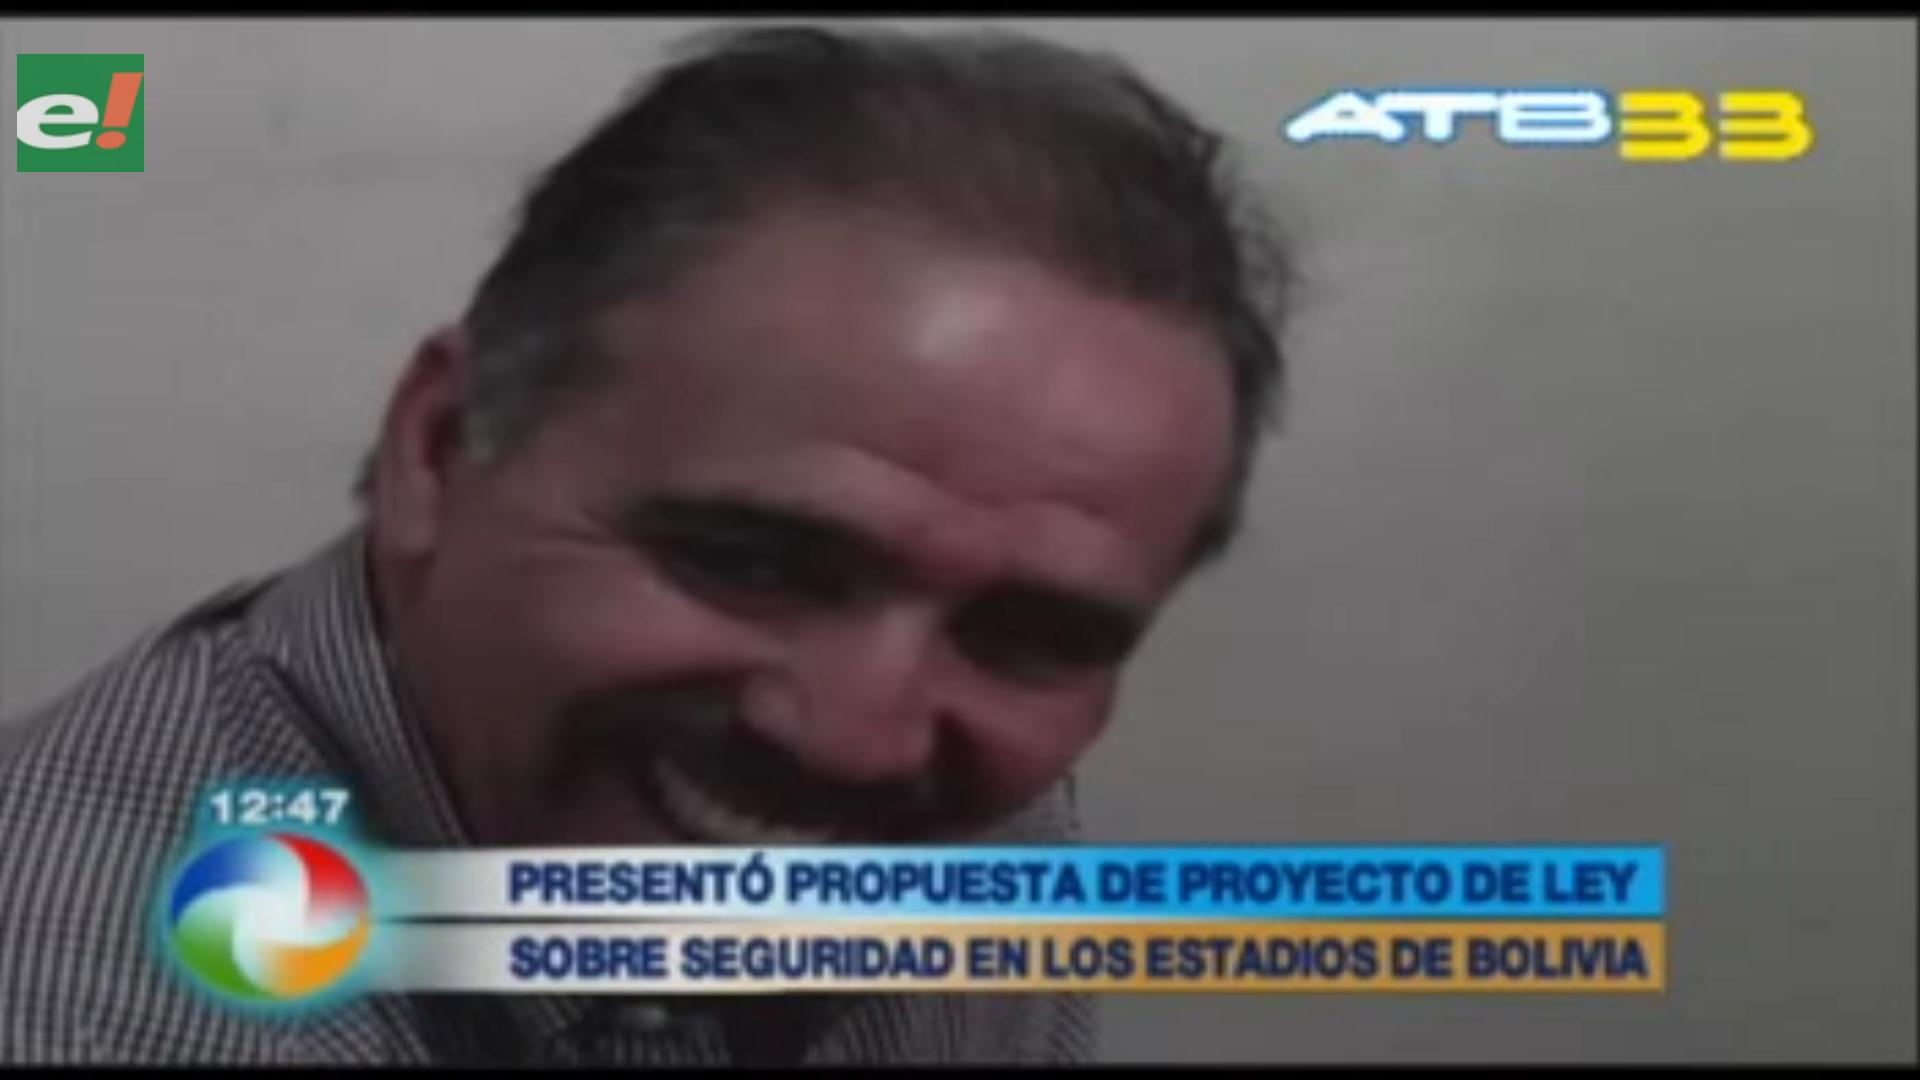 Mauricio Méndez presentó propuesta sobre seguridad en estadios